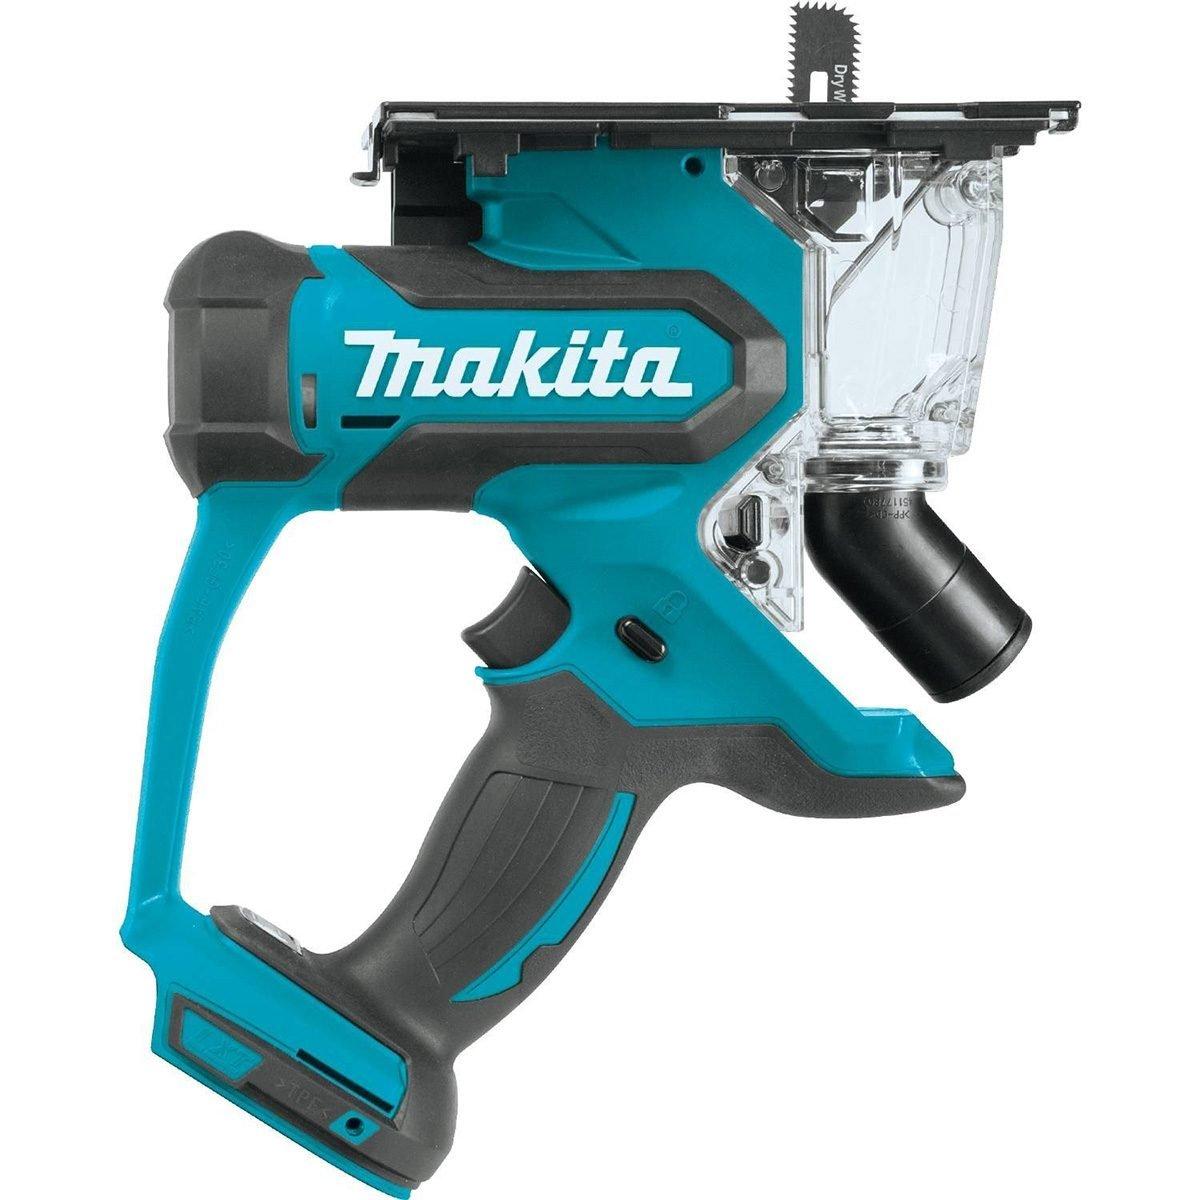 Makita Cut Out Tool